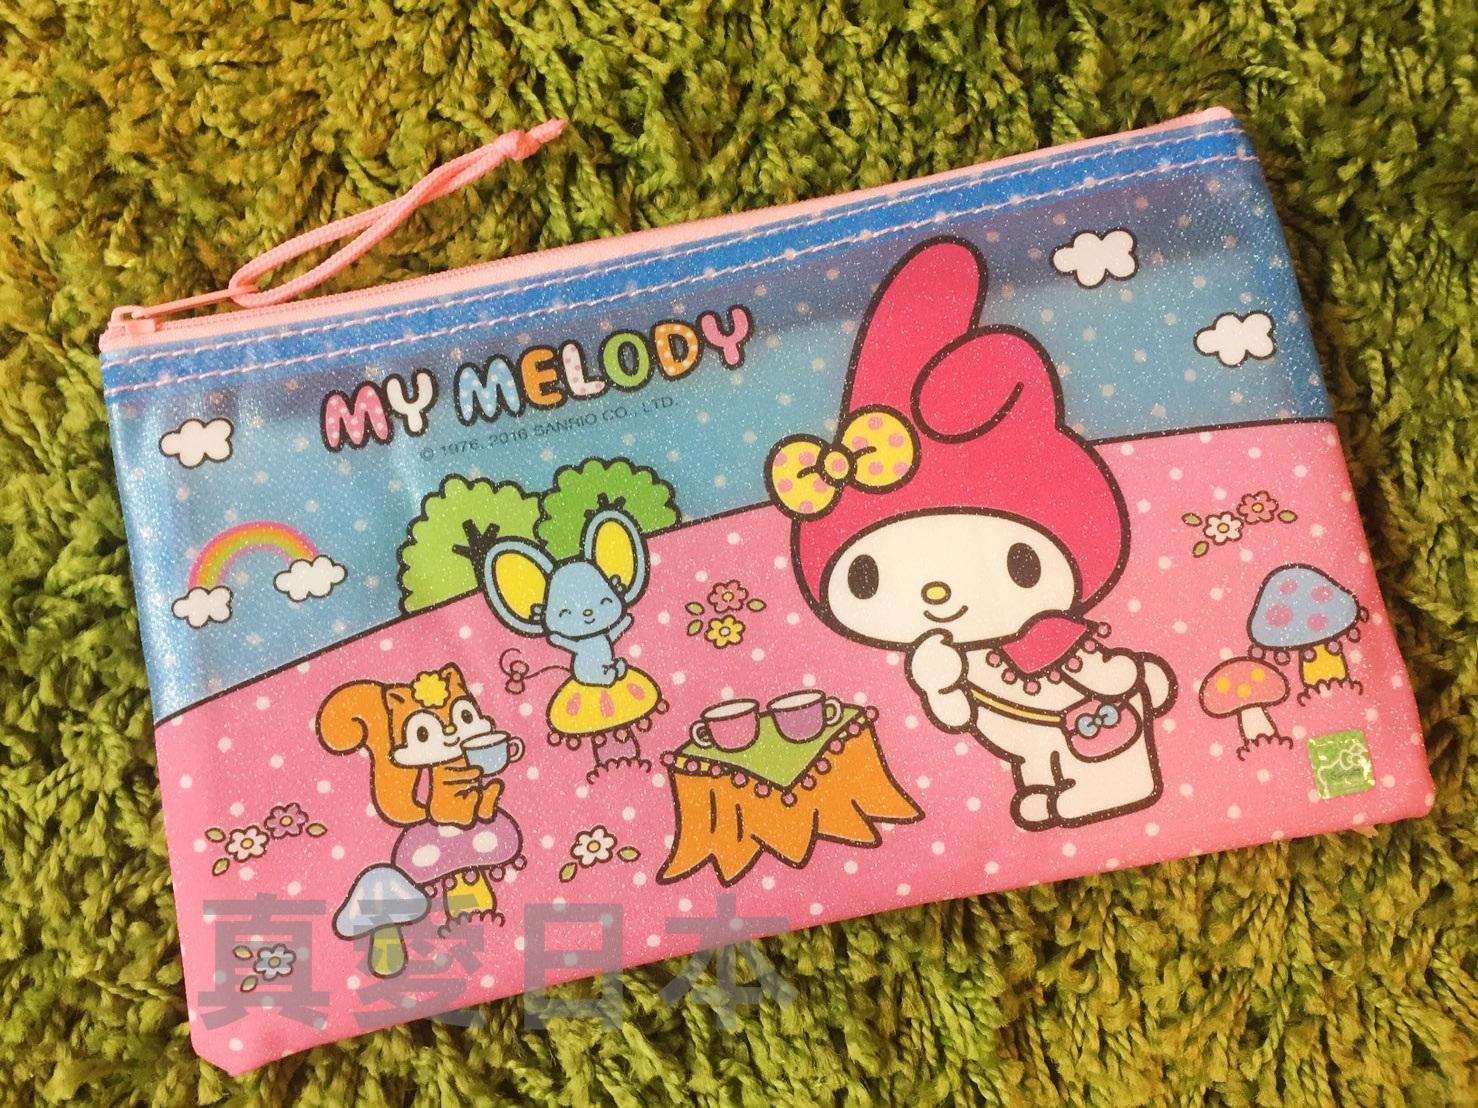 【真愛日本】16051000003 光膠拉鍊網狀收納袋-MM 三麗鷗家族 Melody 美樂蒂 文件袋 收納 文具